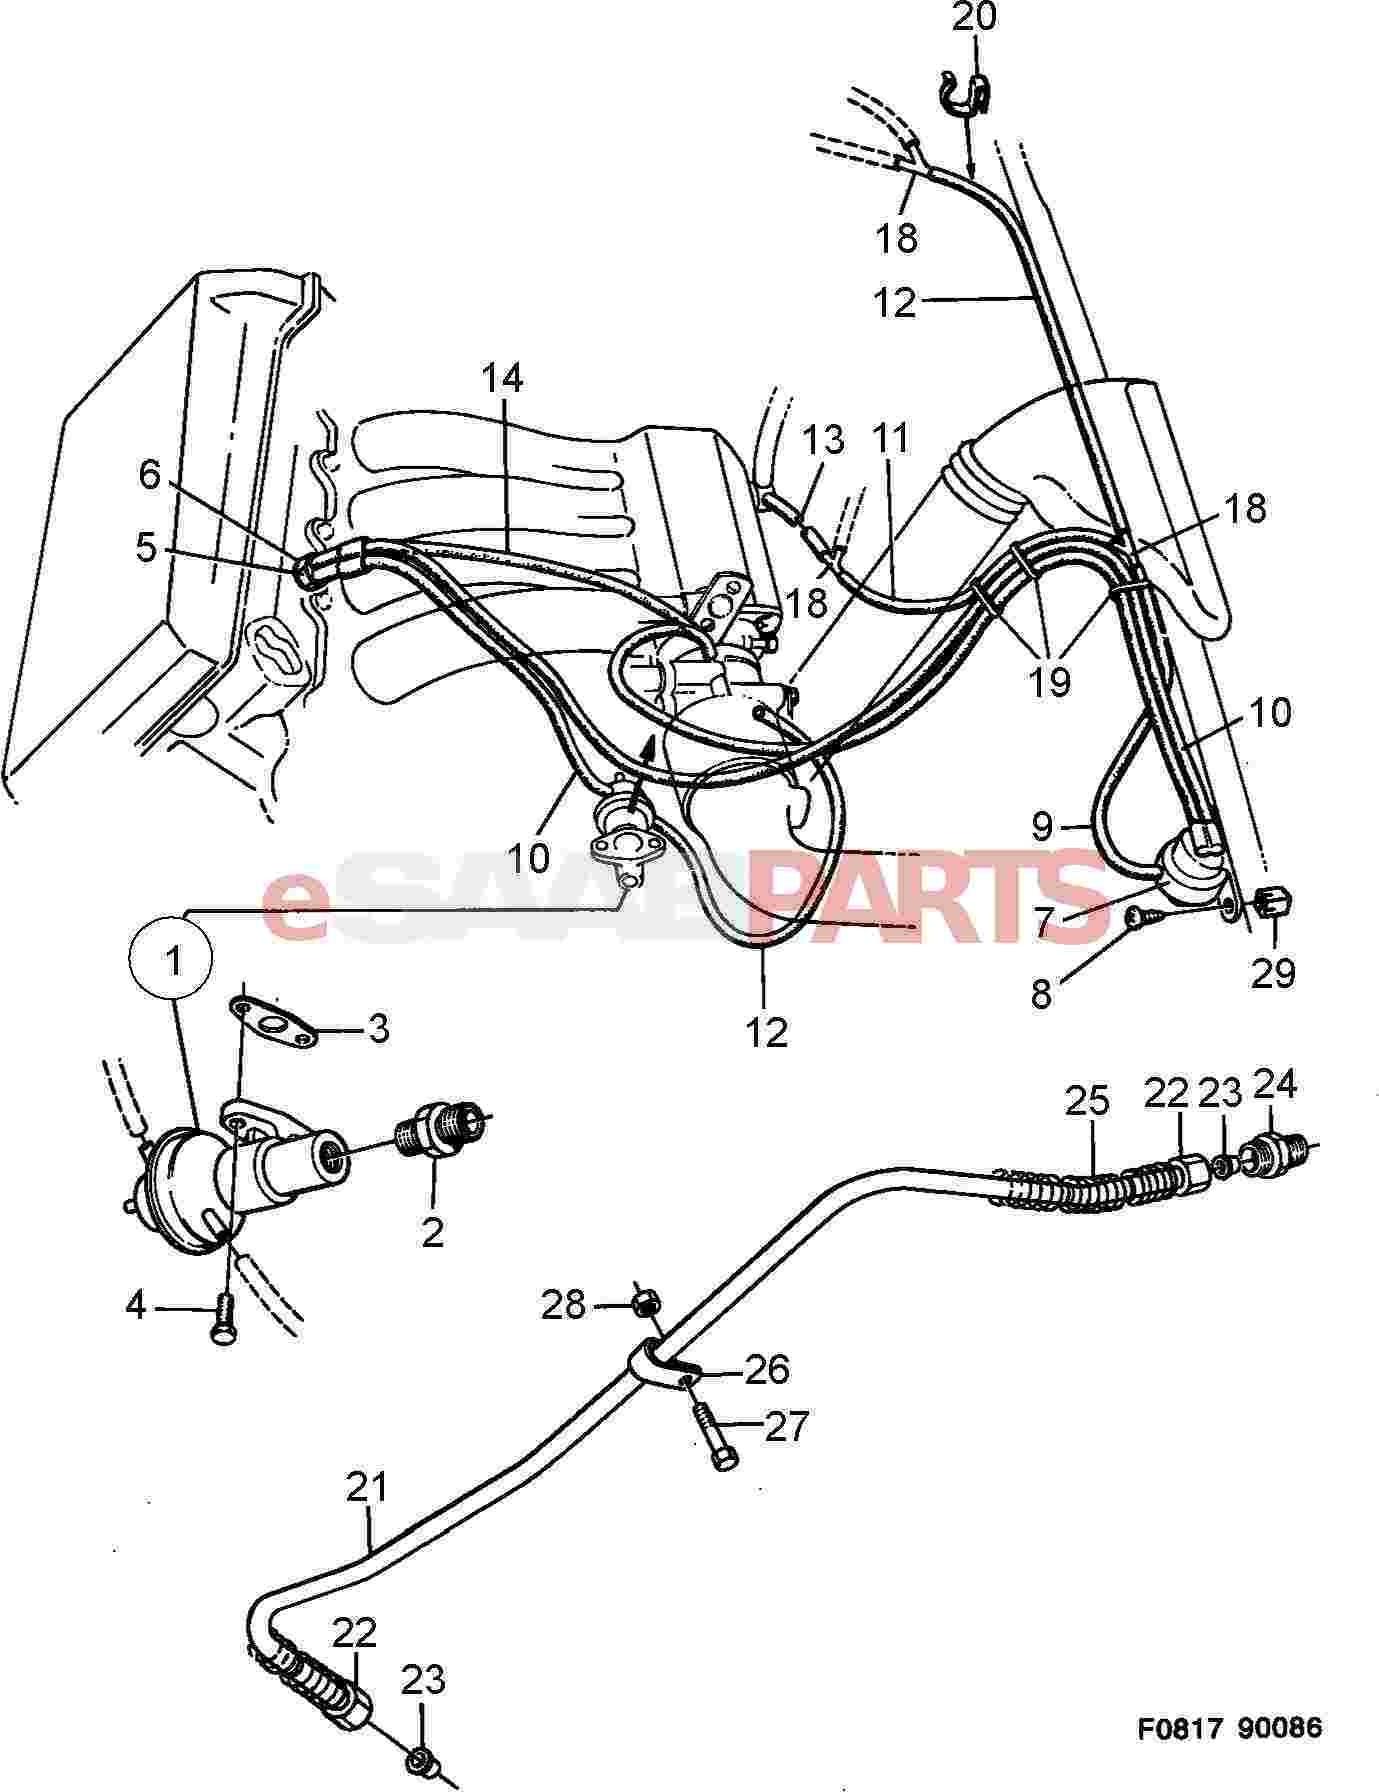 2004 saab engine diagram automotive block diagram u2022 rh carwiringdiagram today 2001 saab 9 3